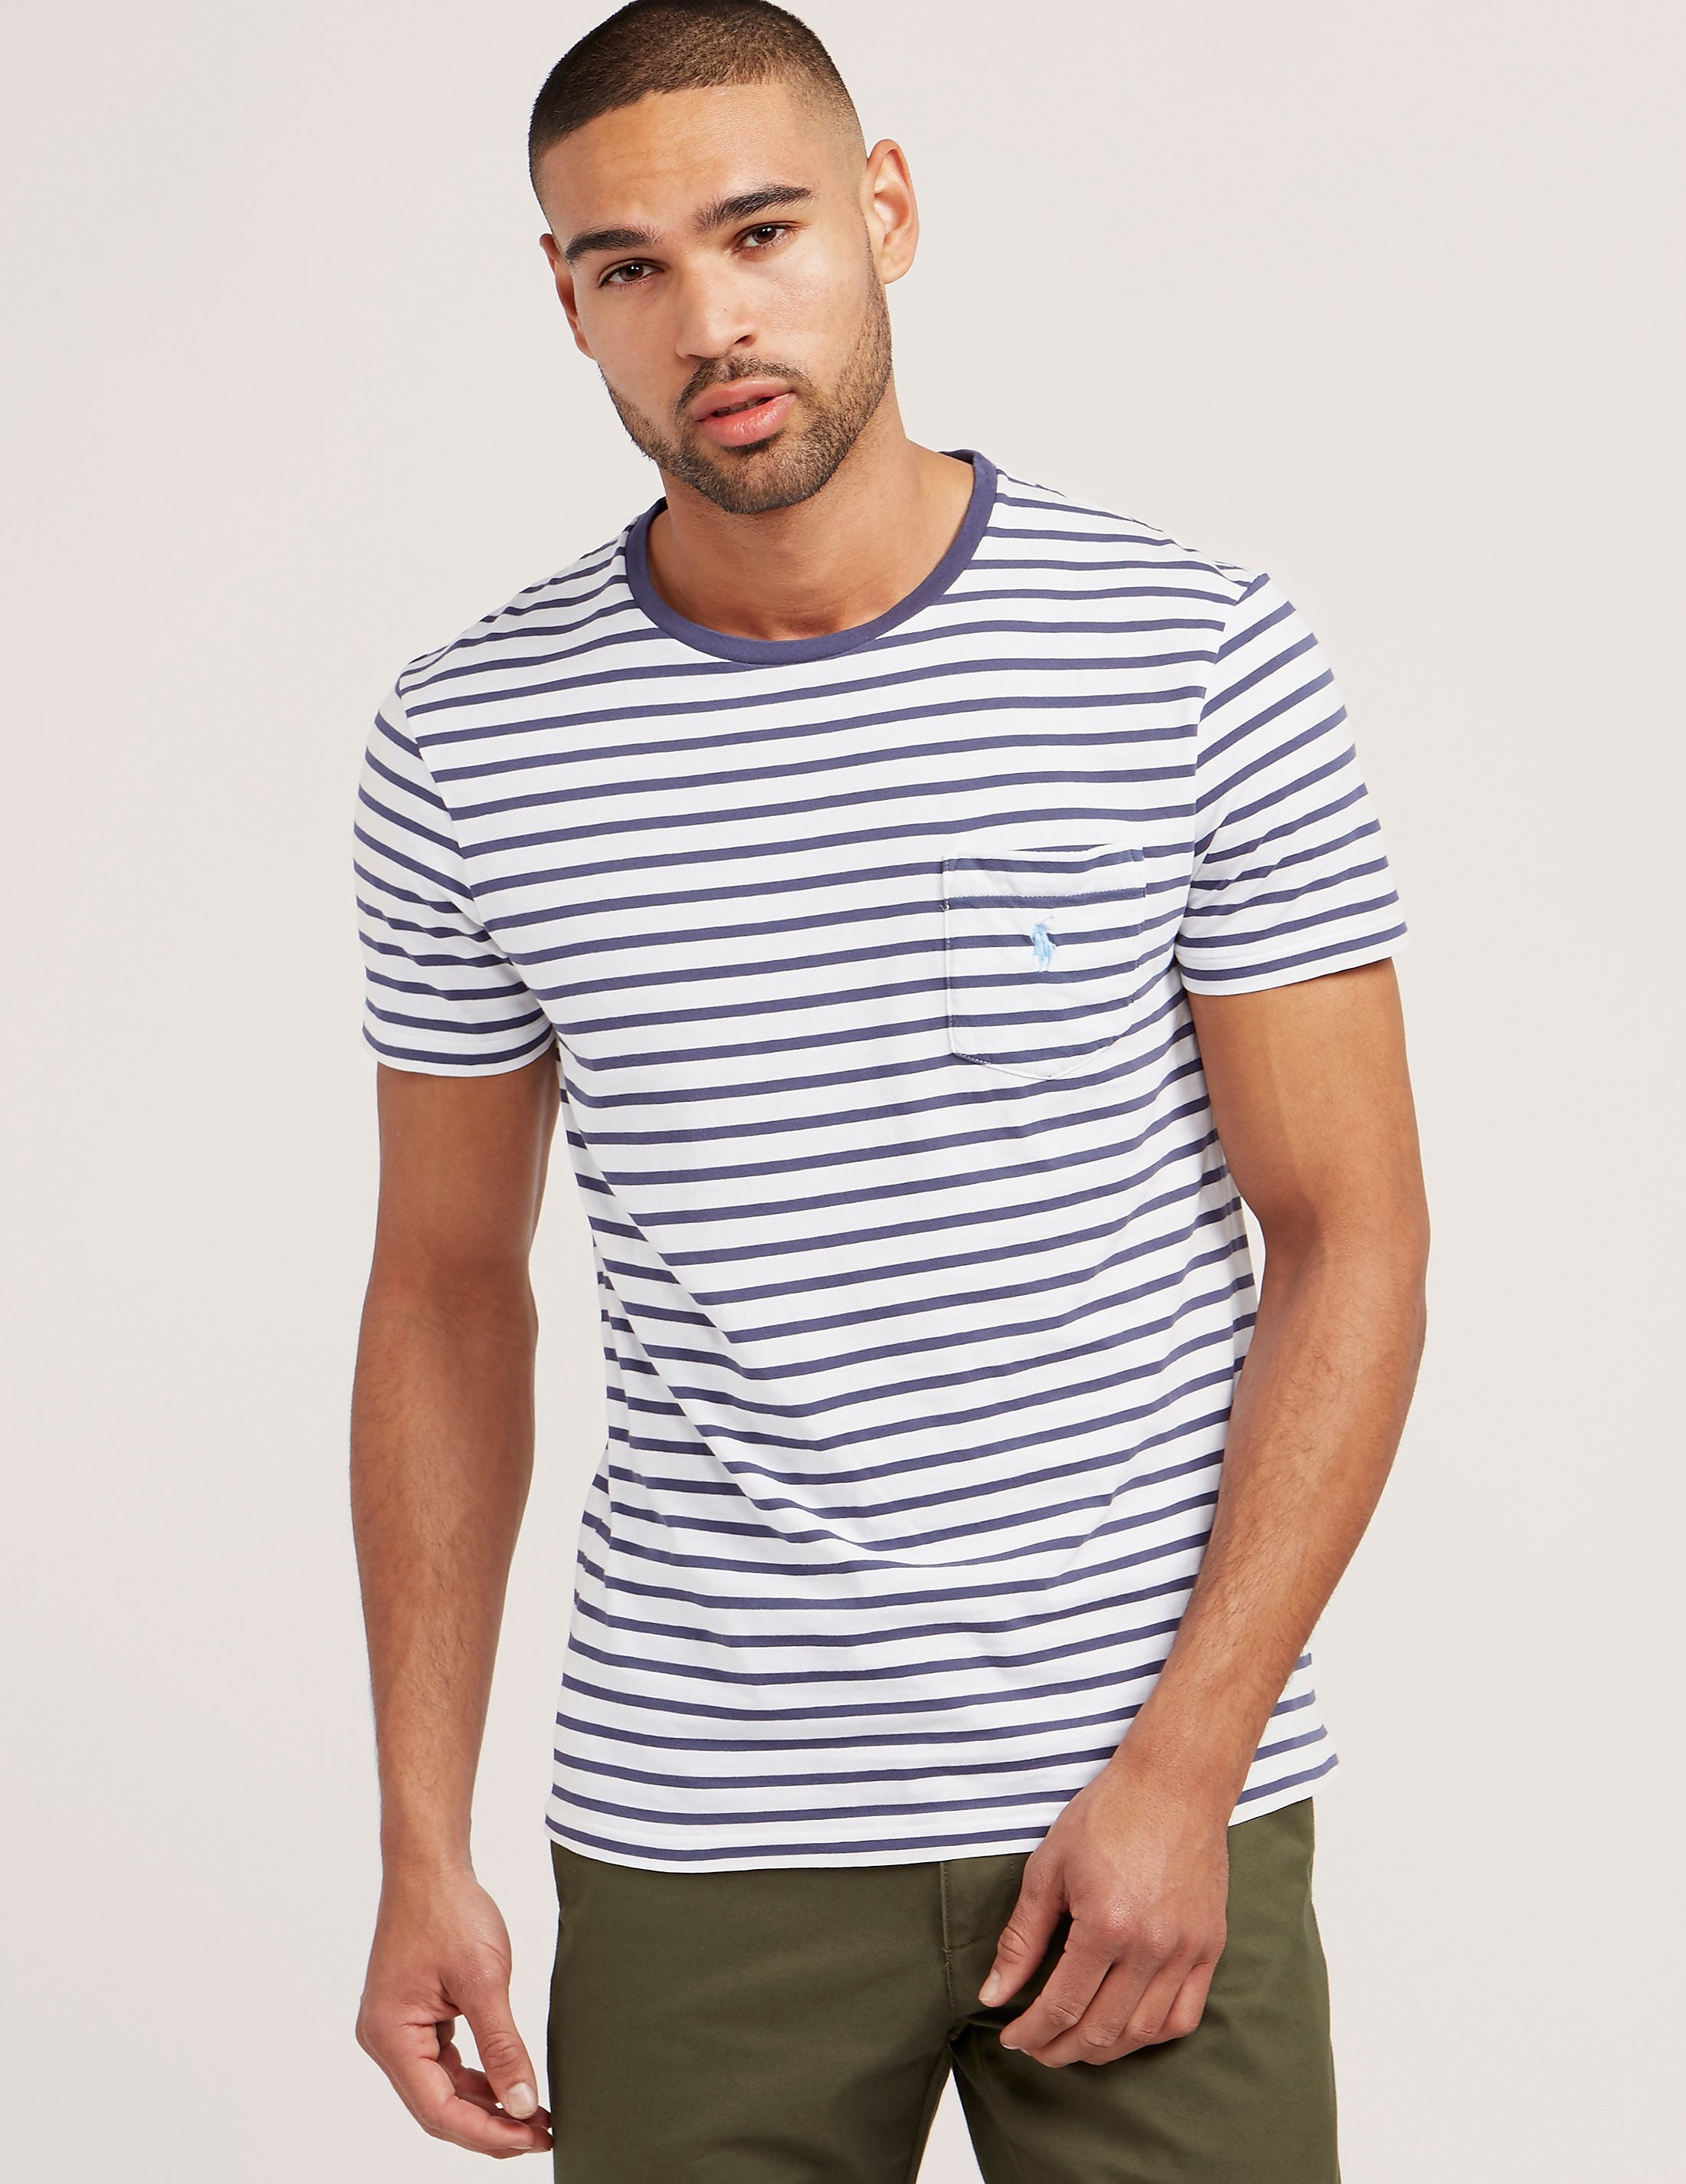 Polo Ralph Lauren Striped Short Sleeve T-Shirt